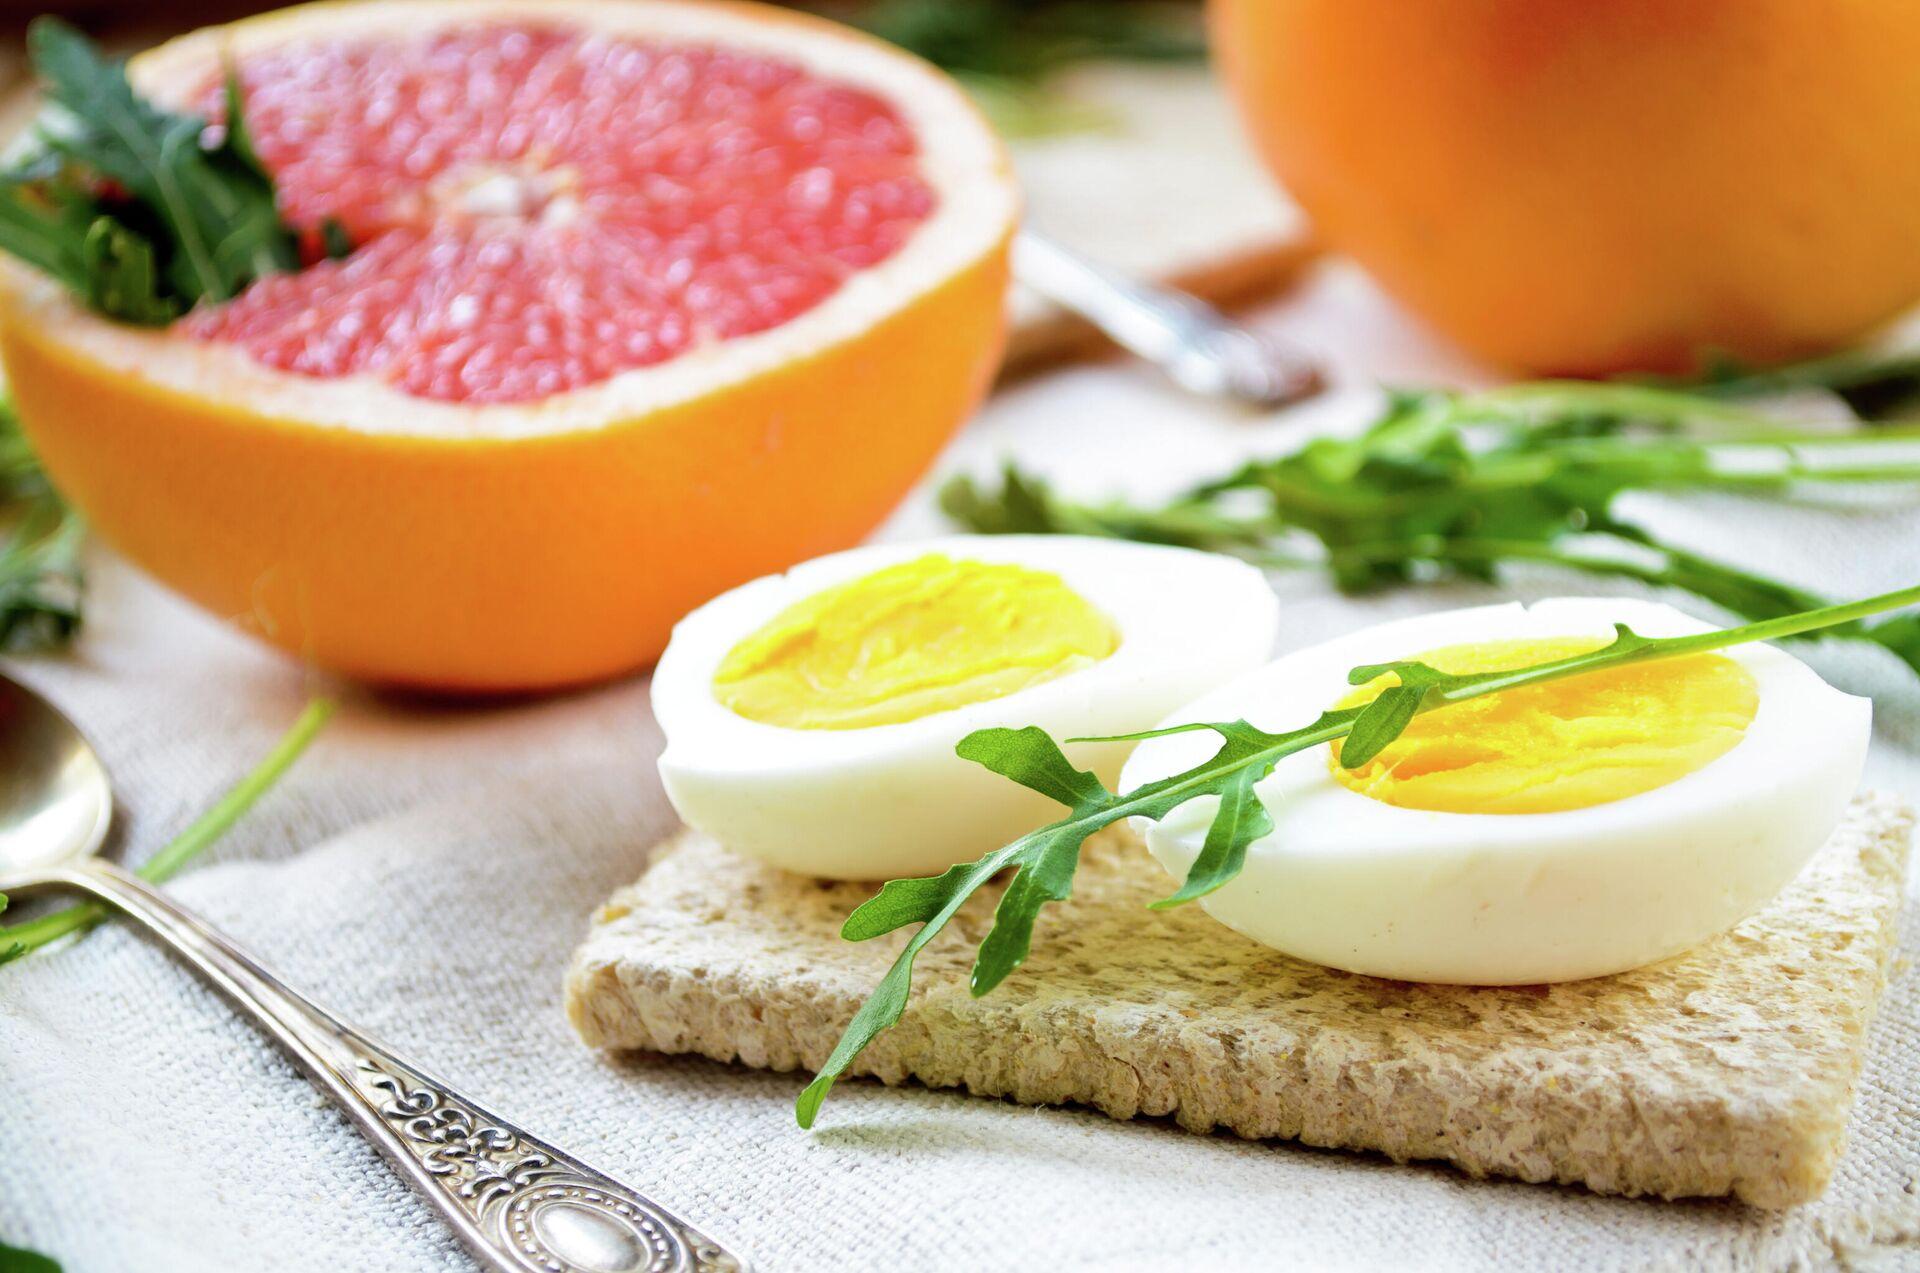 Завтрак с яйцами, грейпфрутом и листьями рукколы - РИА Новости, 1920, 16.09.2021